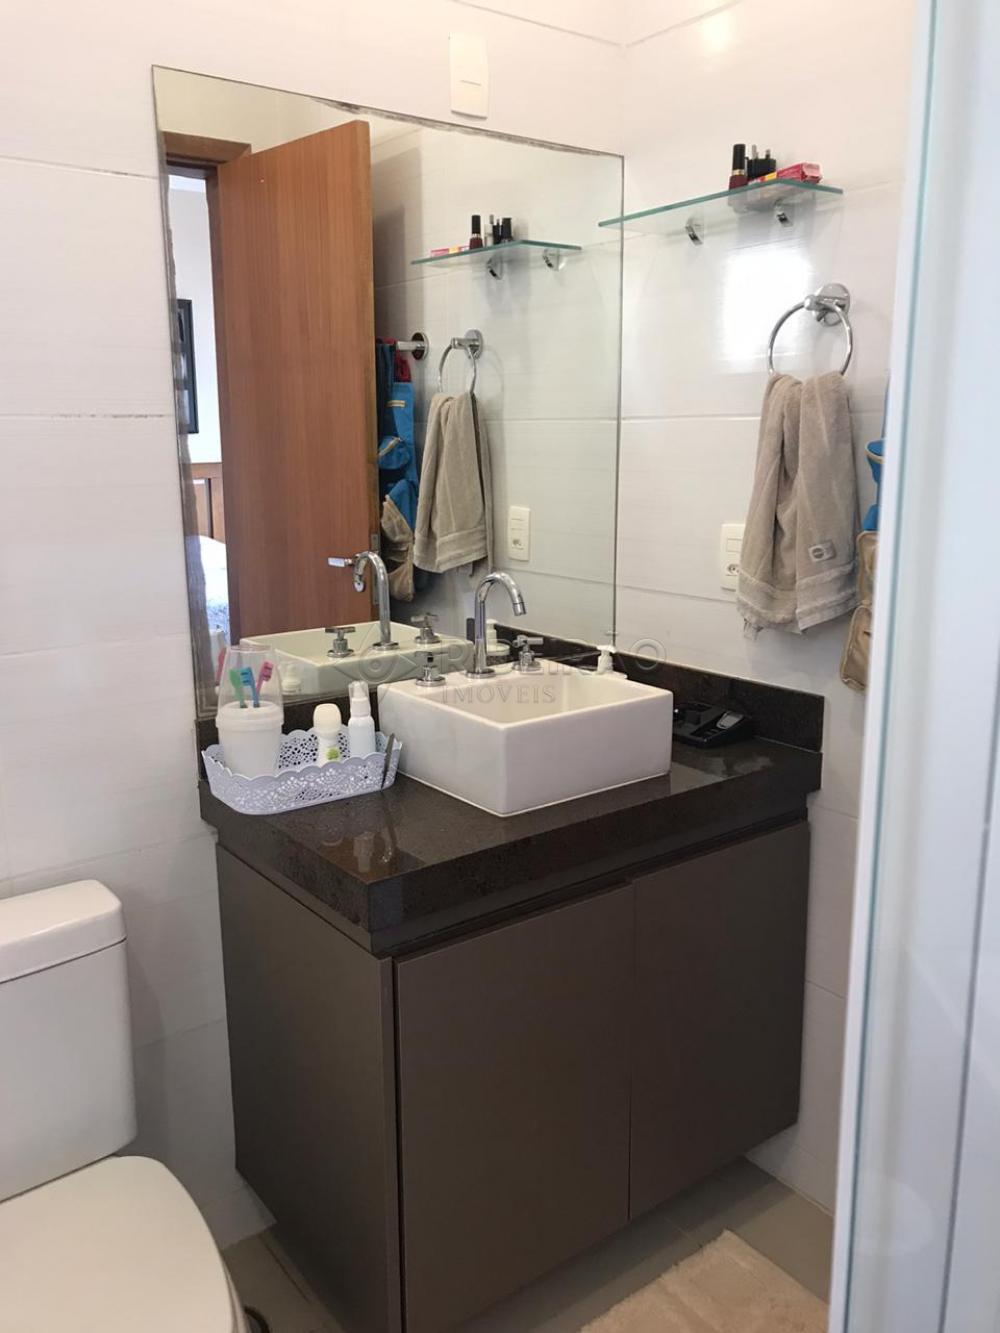 Alugar Casa / Condomínio em Cravinhos apenas R$ 3.500,00 - Foto 11